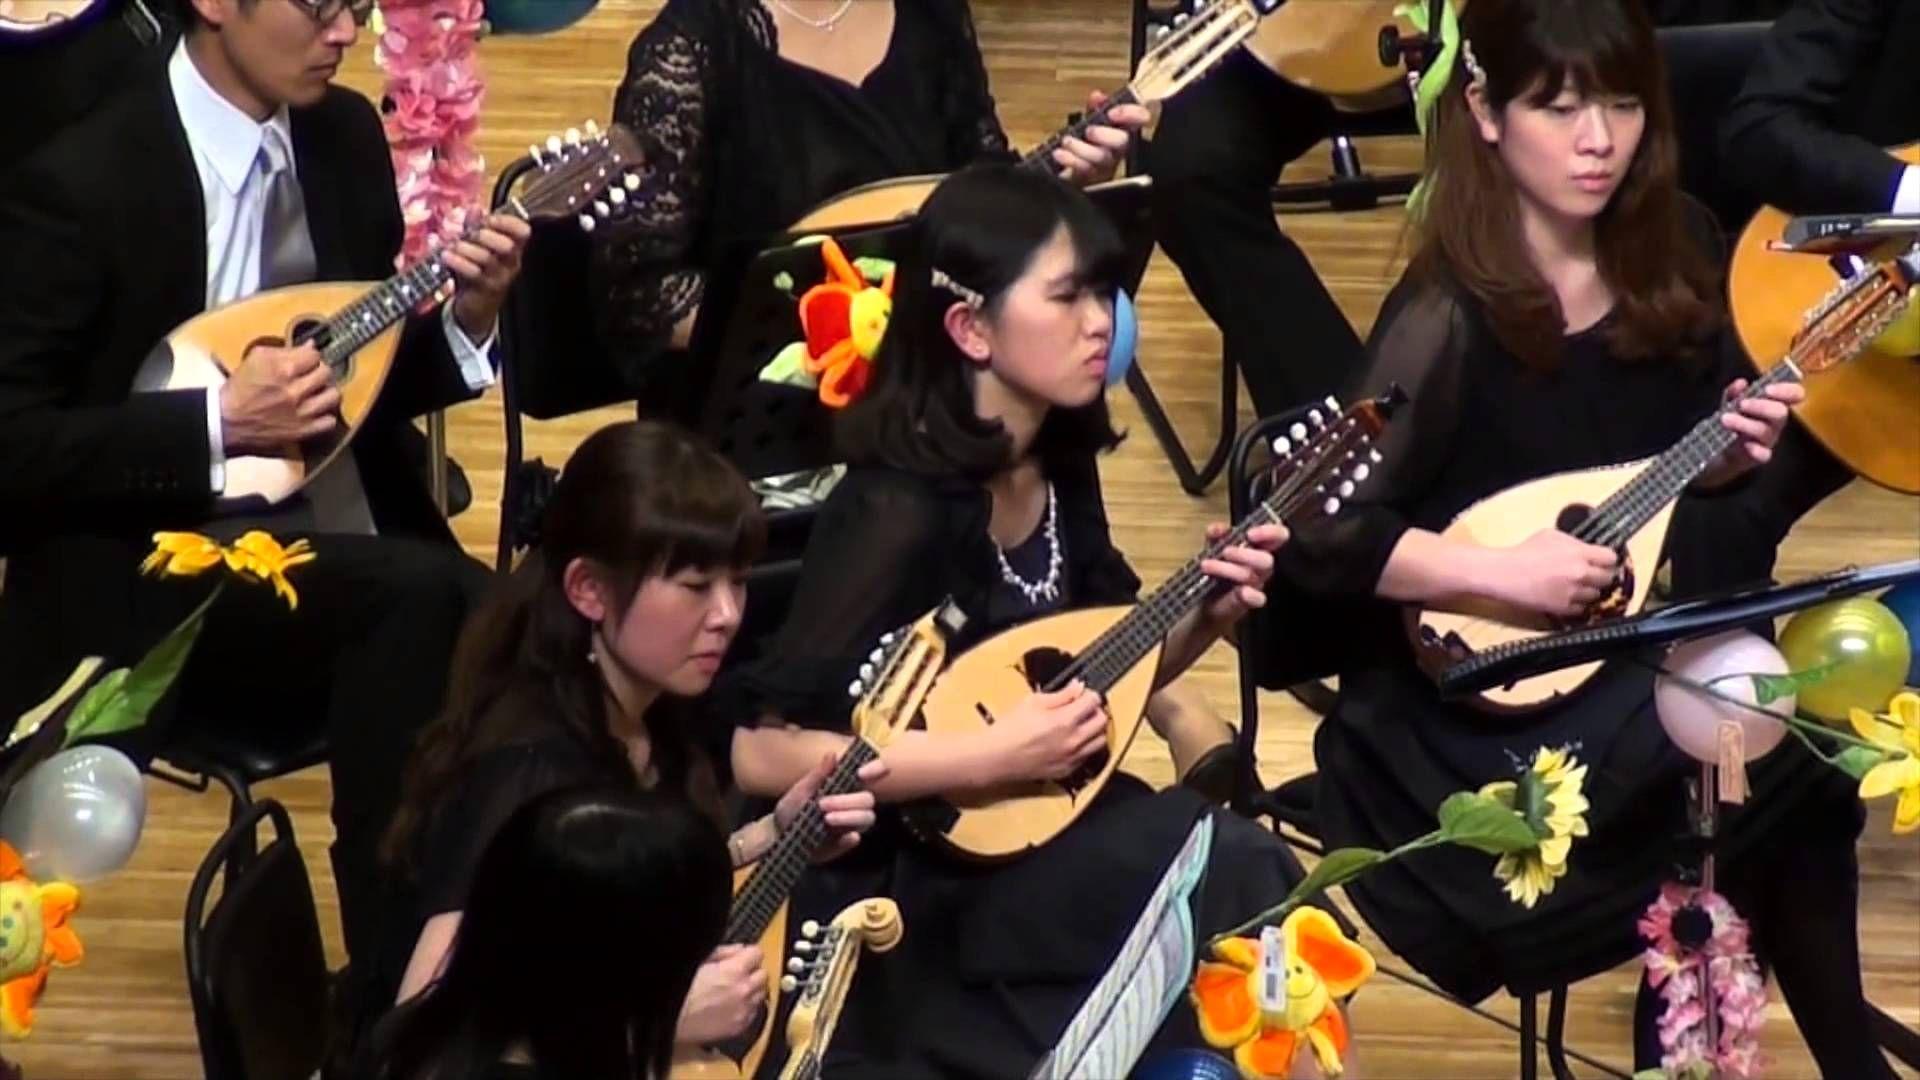 車輪の唄 BUMP OF CHICKEN / from ARTE TOKYO New Year Concert ...